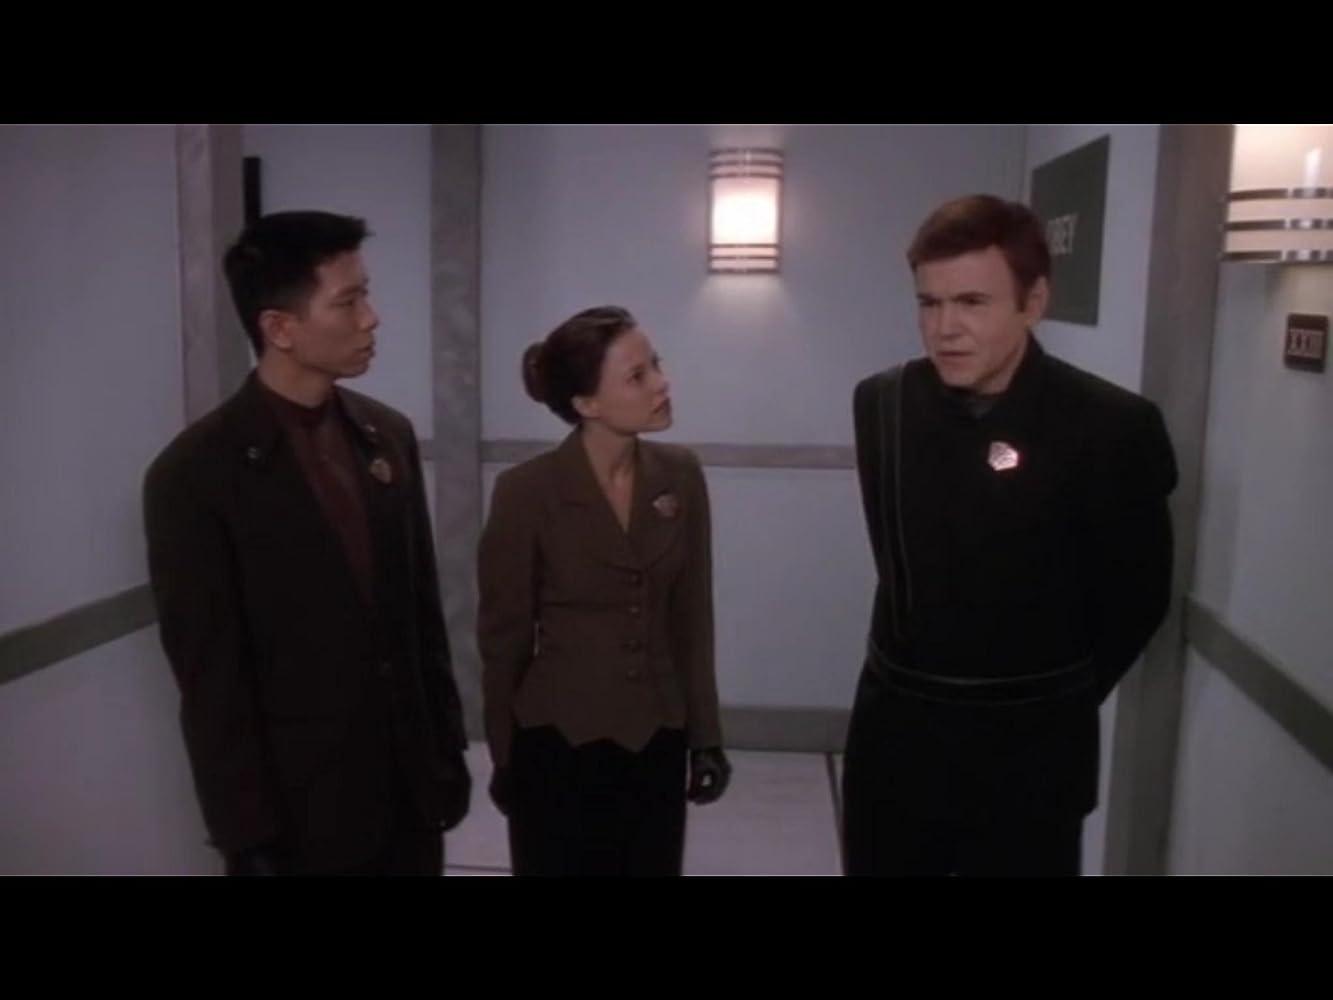 Walter Koenig, Dana Barron, and Reggie Lee in Babylon 5 (1993)